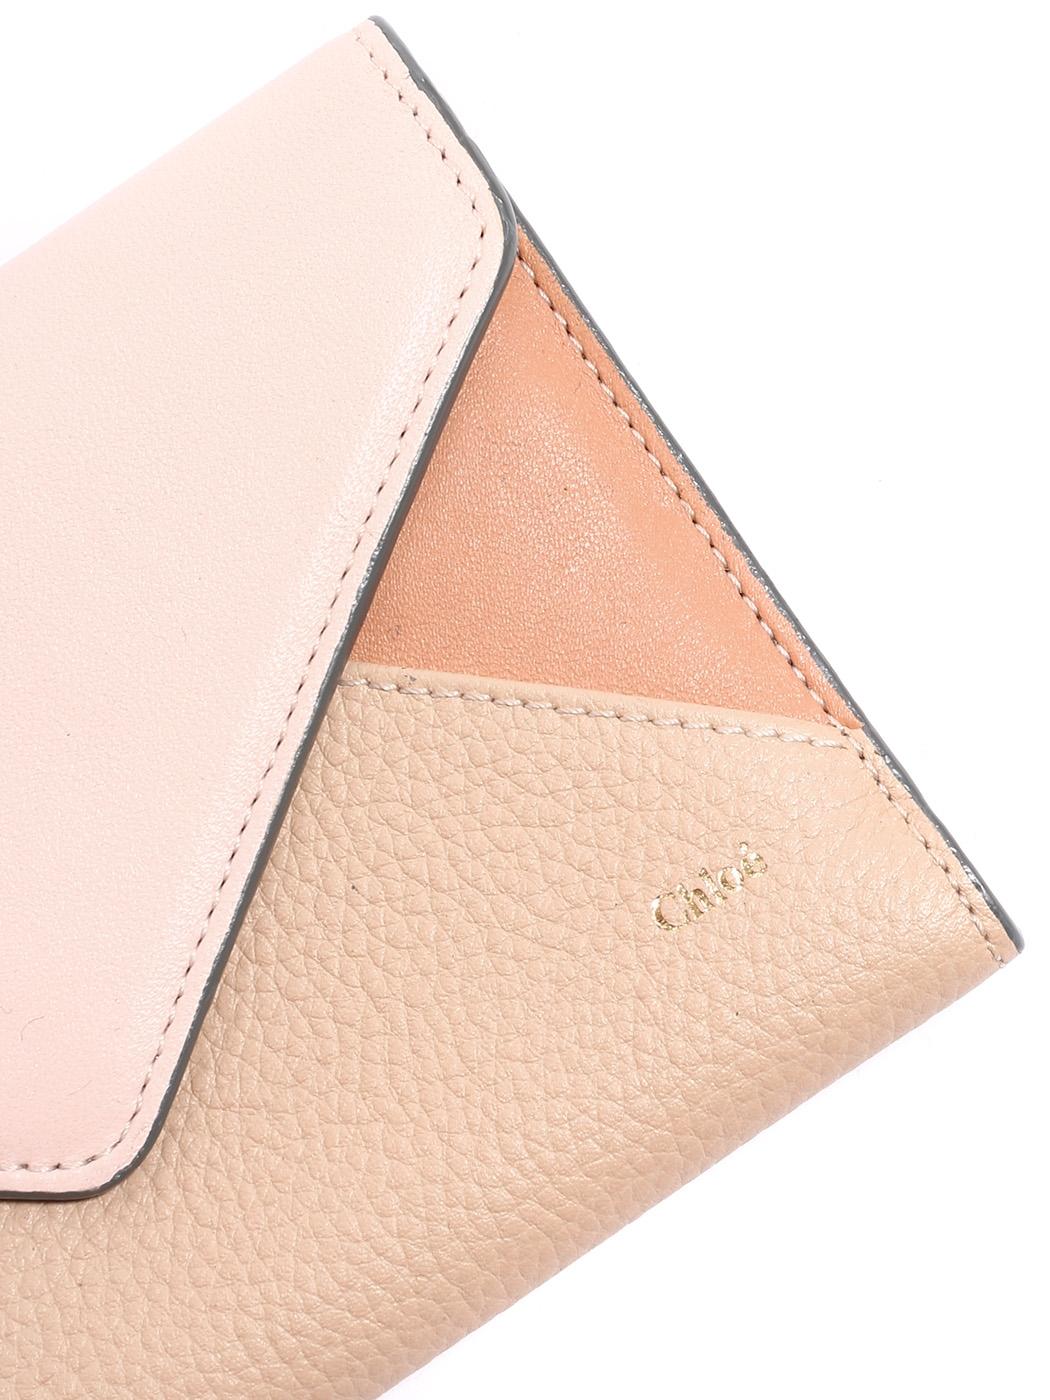 8a35cde2f60 ... Portefeuille ENVELOPPE long à rabat en cuir rose et beige Px boutique  350€ ...